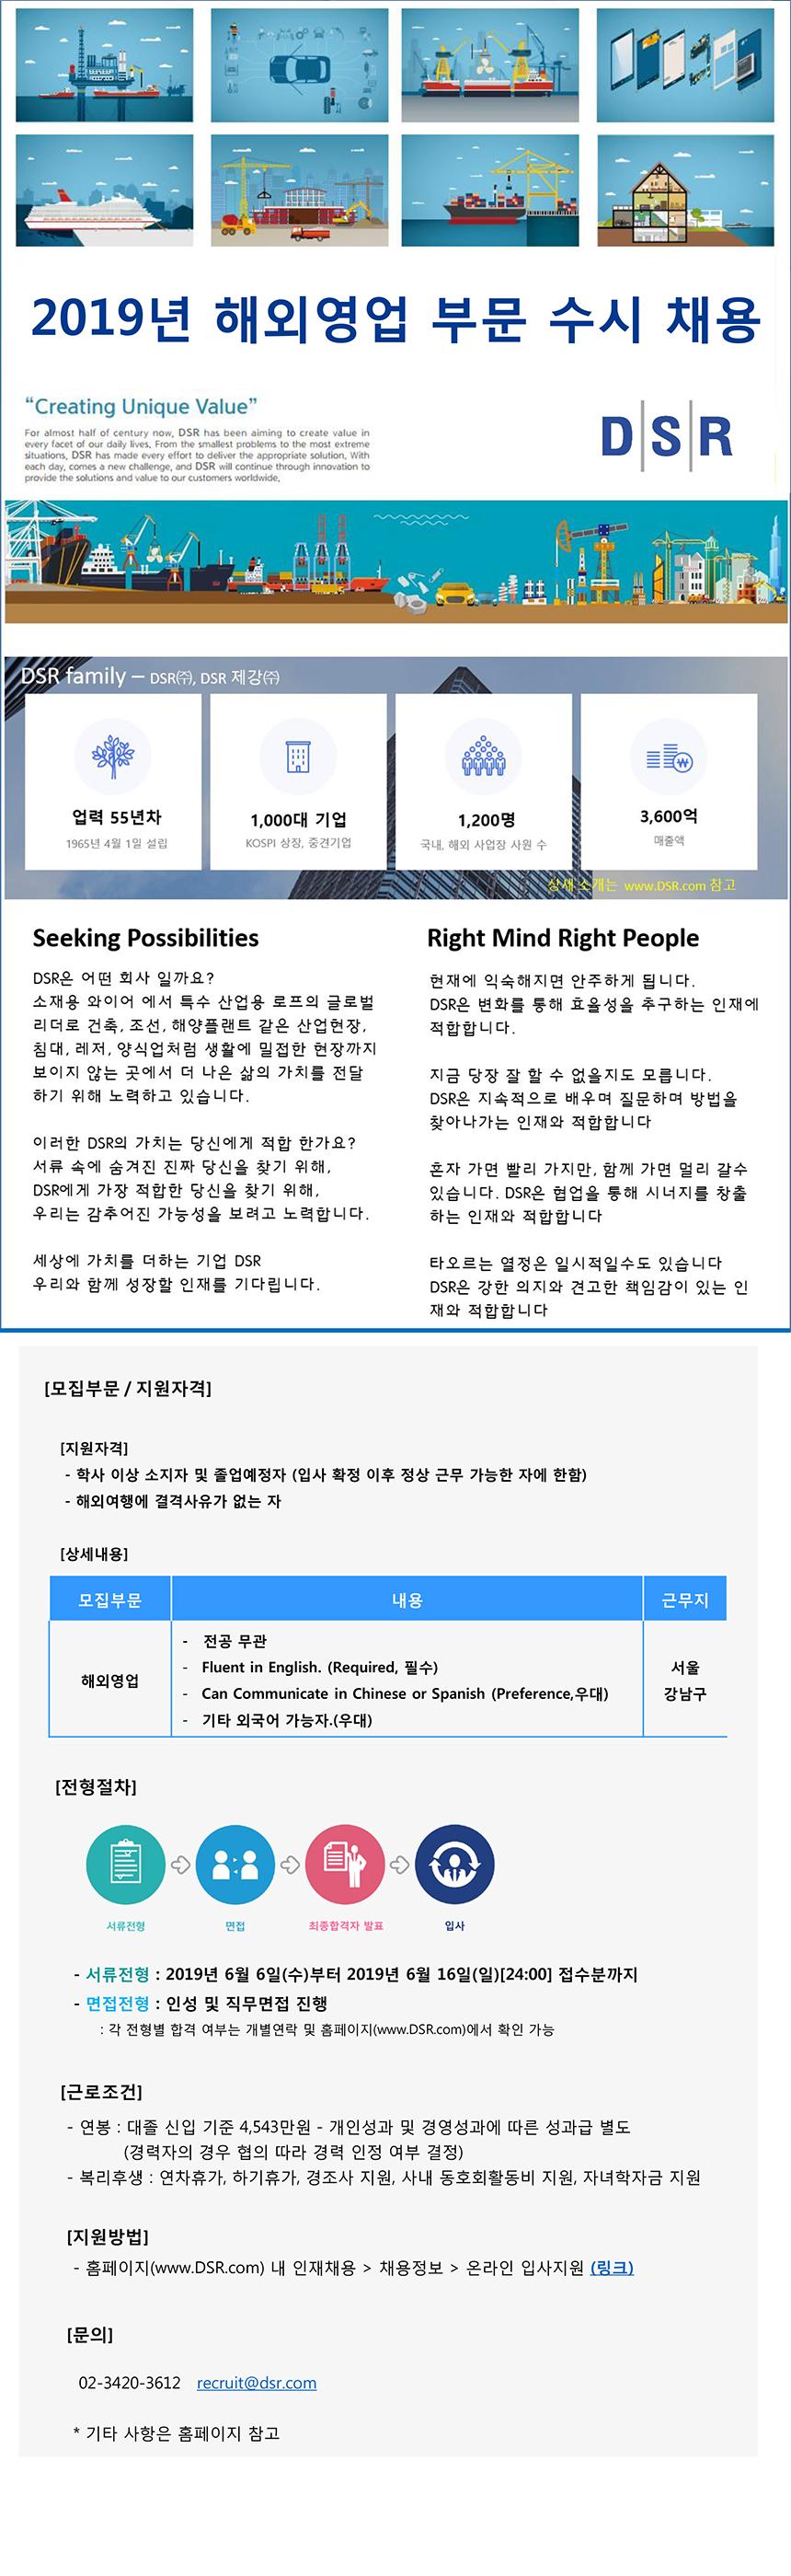 2019년 해외영업 부문 수시 채용